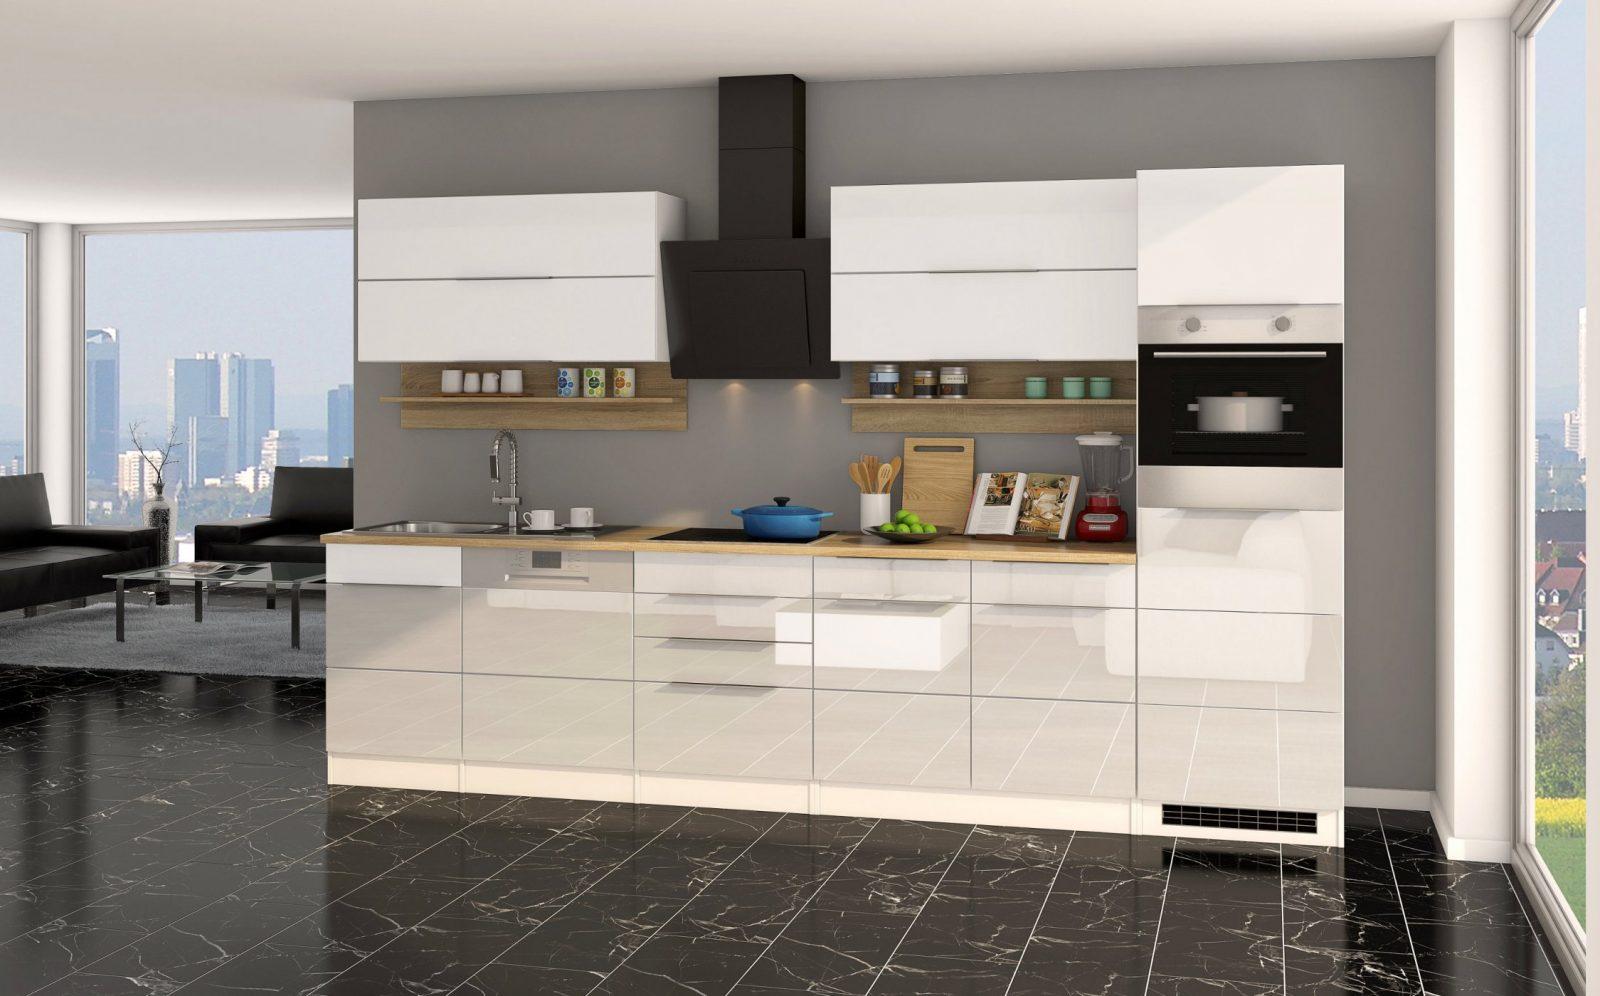 Küchenzeile Hamburg  Küche Mit Egeräten  Breite 330 Cm von Küchen Günstig Mit E Geräten Bild